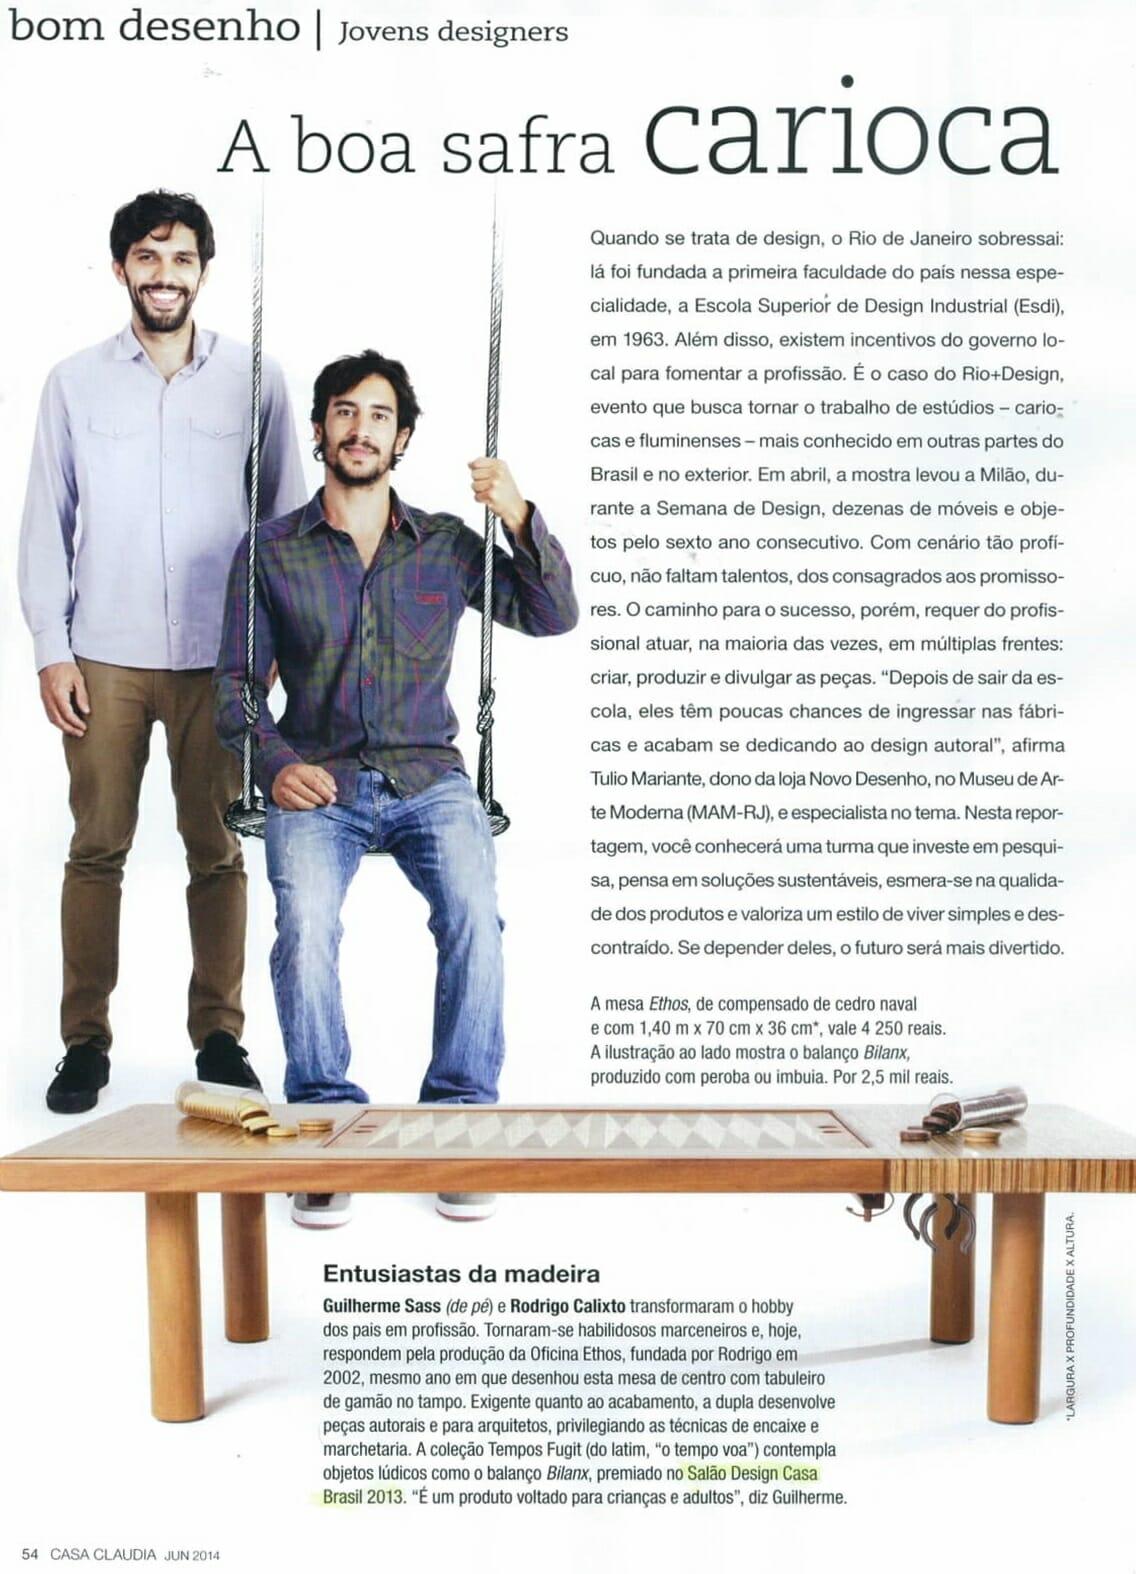 SalãoDesign_RevistaCasaClaudia_pág54_junho14